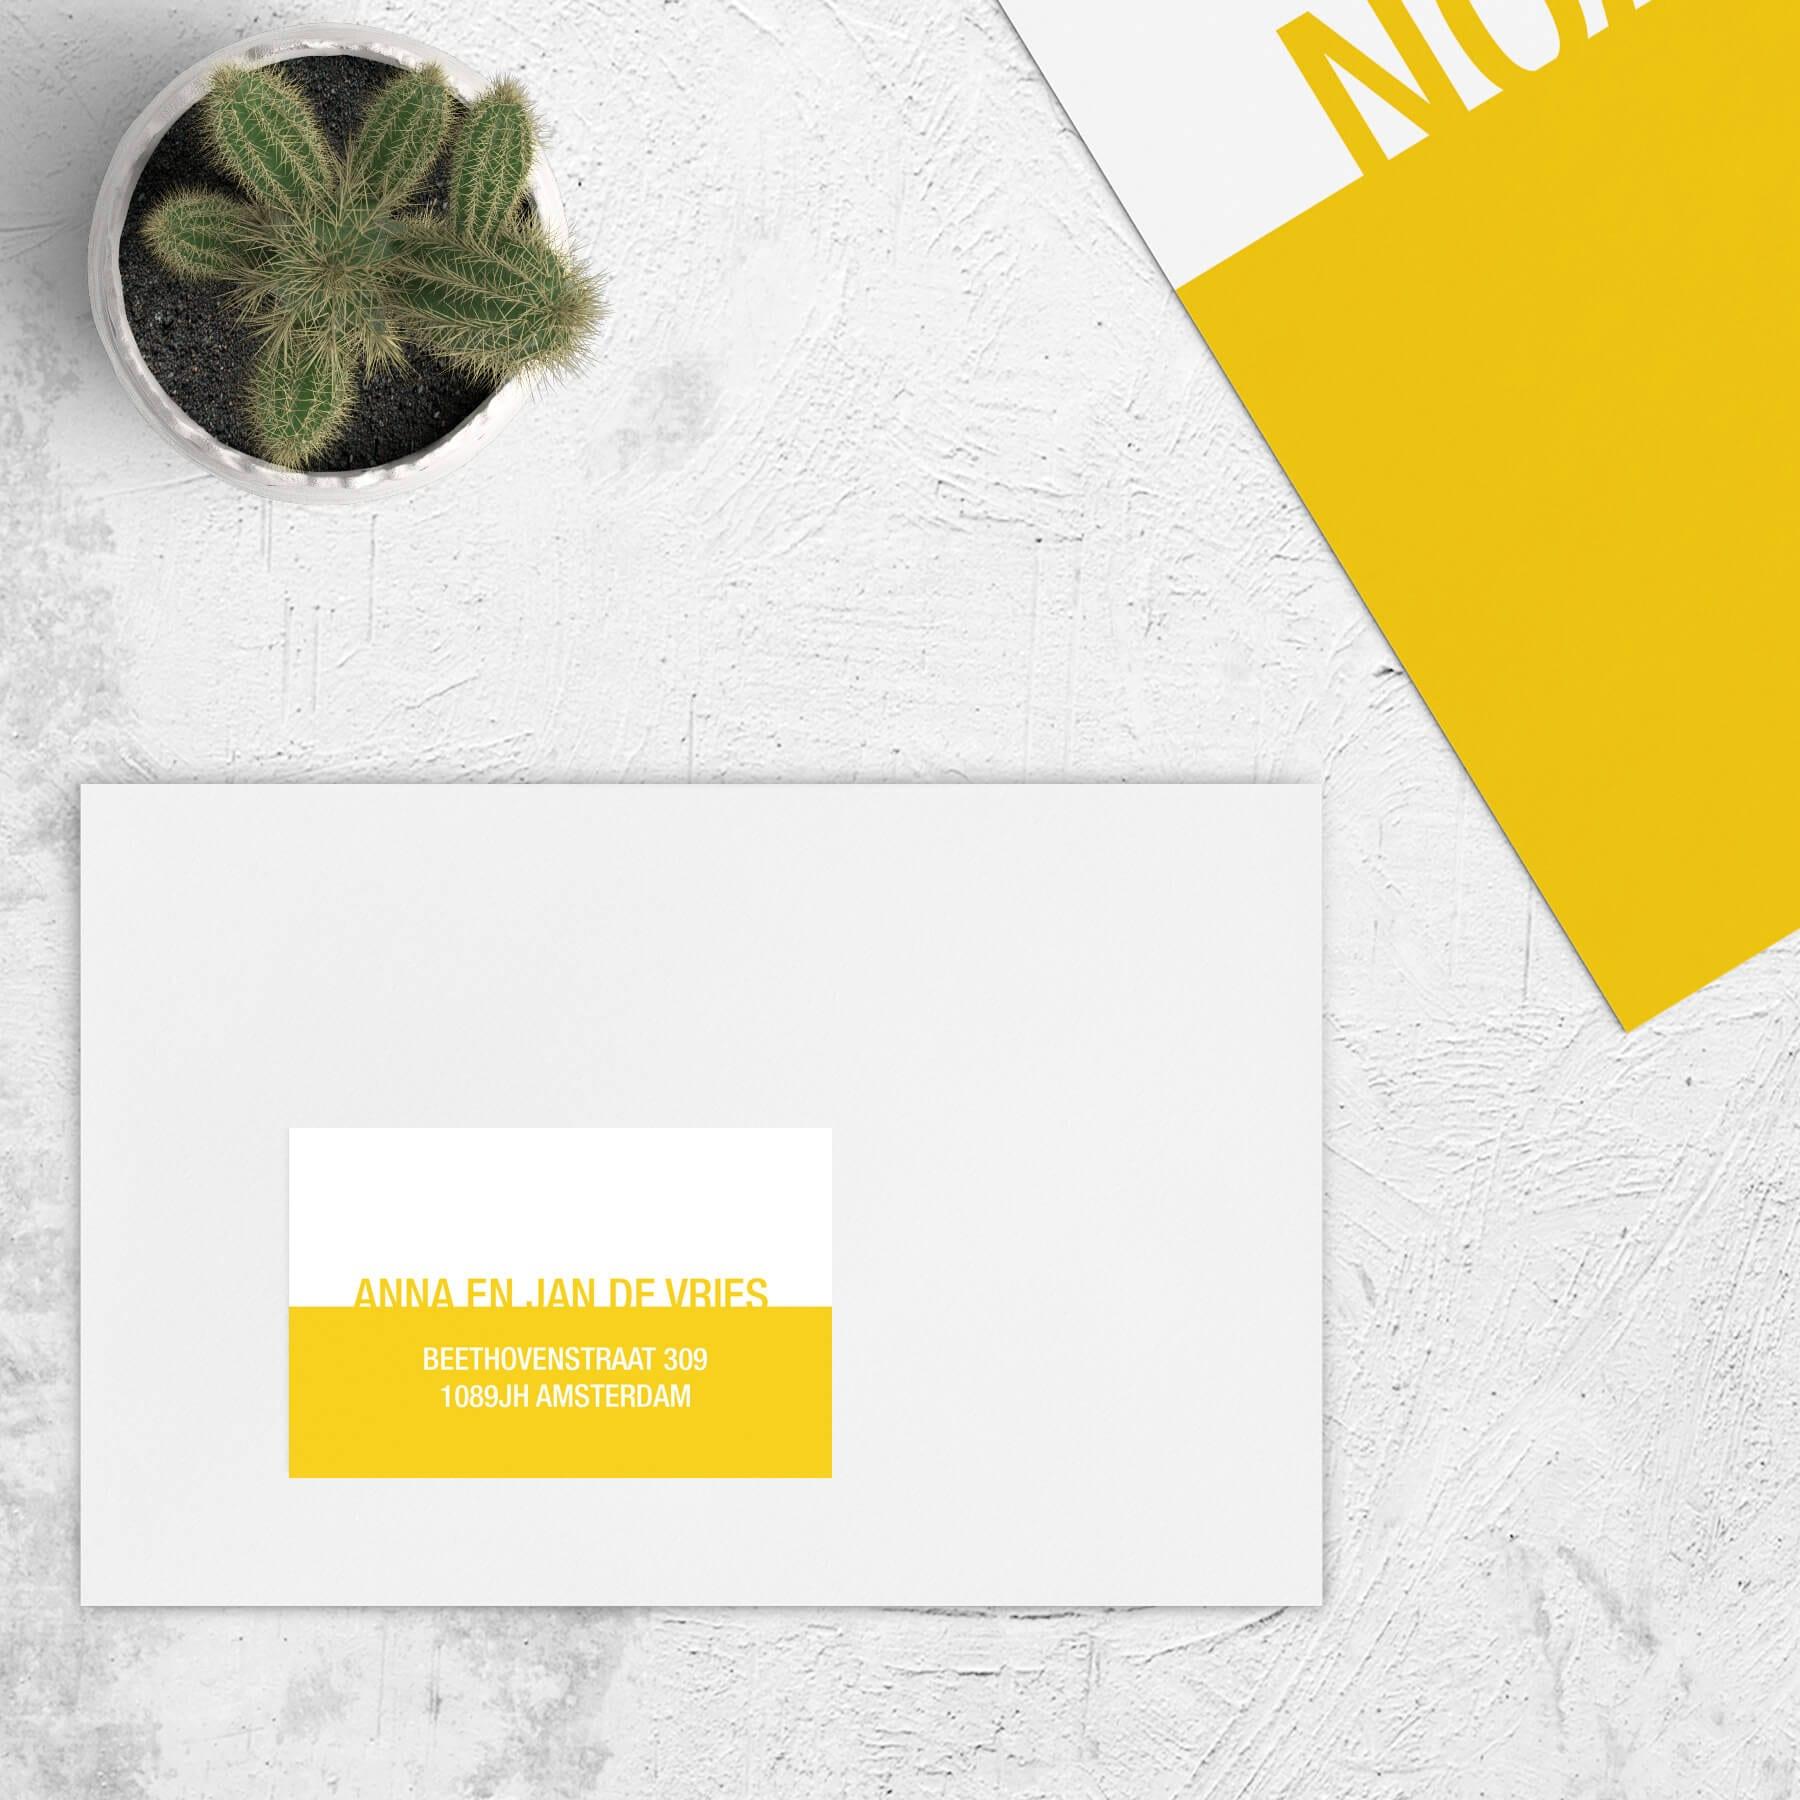 Adressticker Kleur heeft een minimalistisch ontwerp met een gekleurd geel (of andere kleur) vlak en wit vlak, met de naam als typografische versiering.